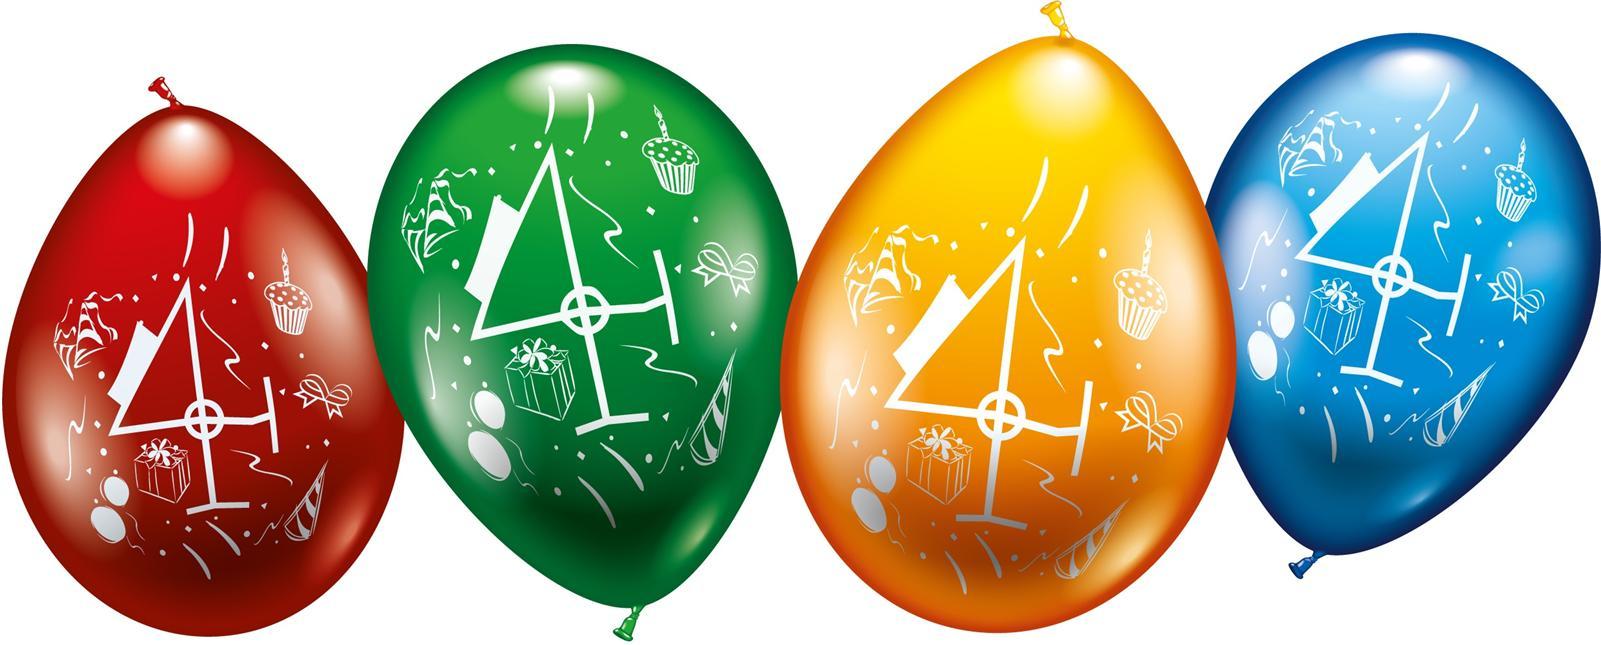 Zahlen Luftballons zum 4. Geburtstag Helium geeignet